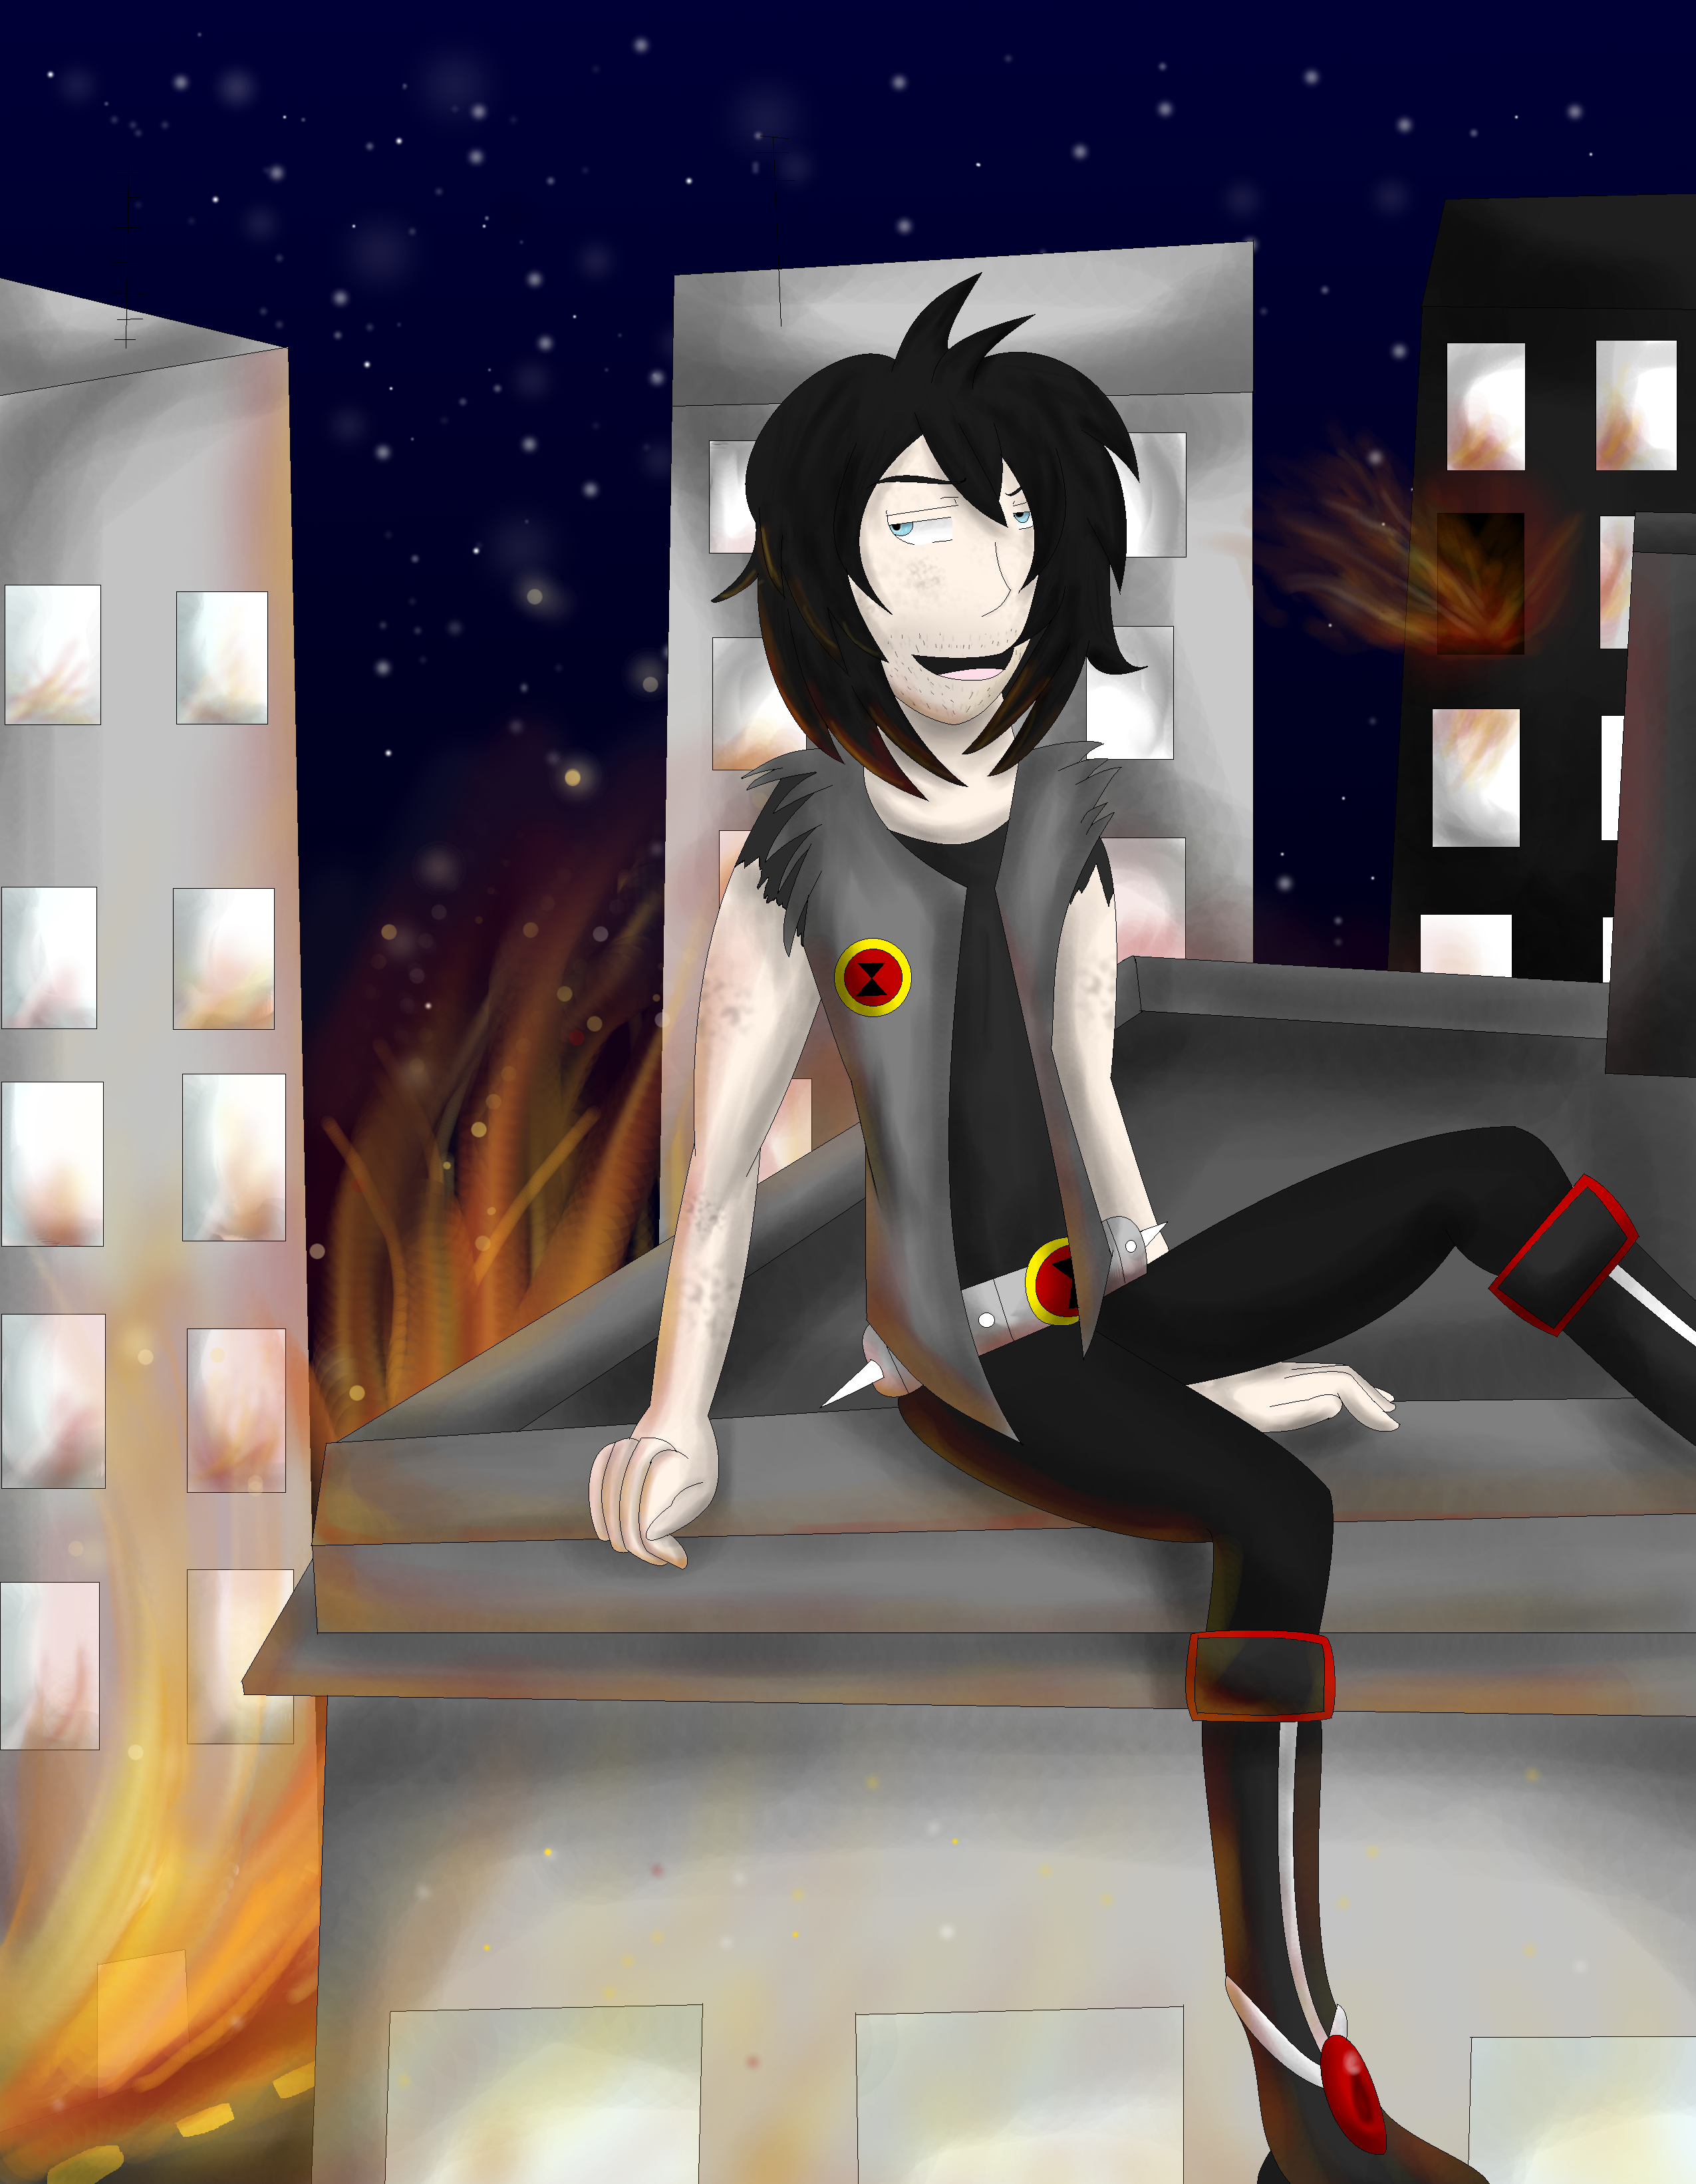 x ::Till the sky bleeds ashes:: x by HuskyFrusky